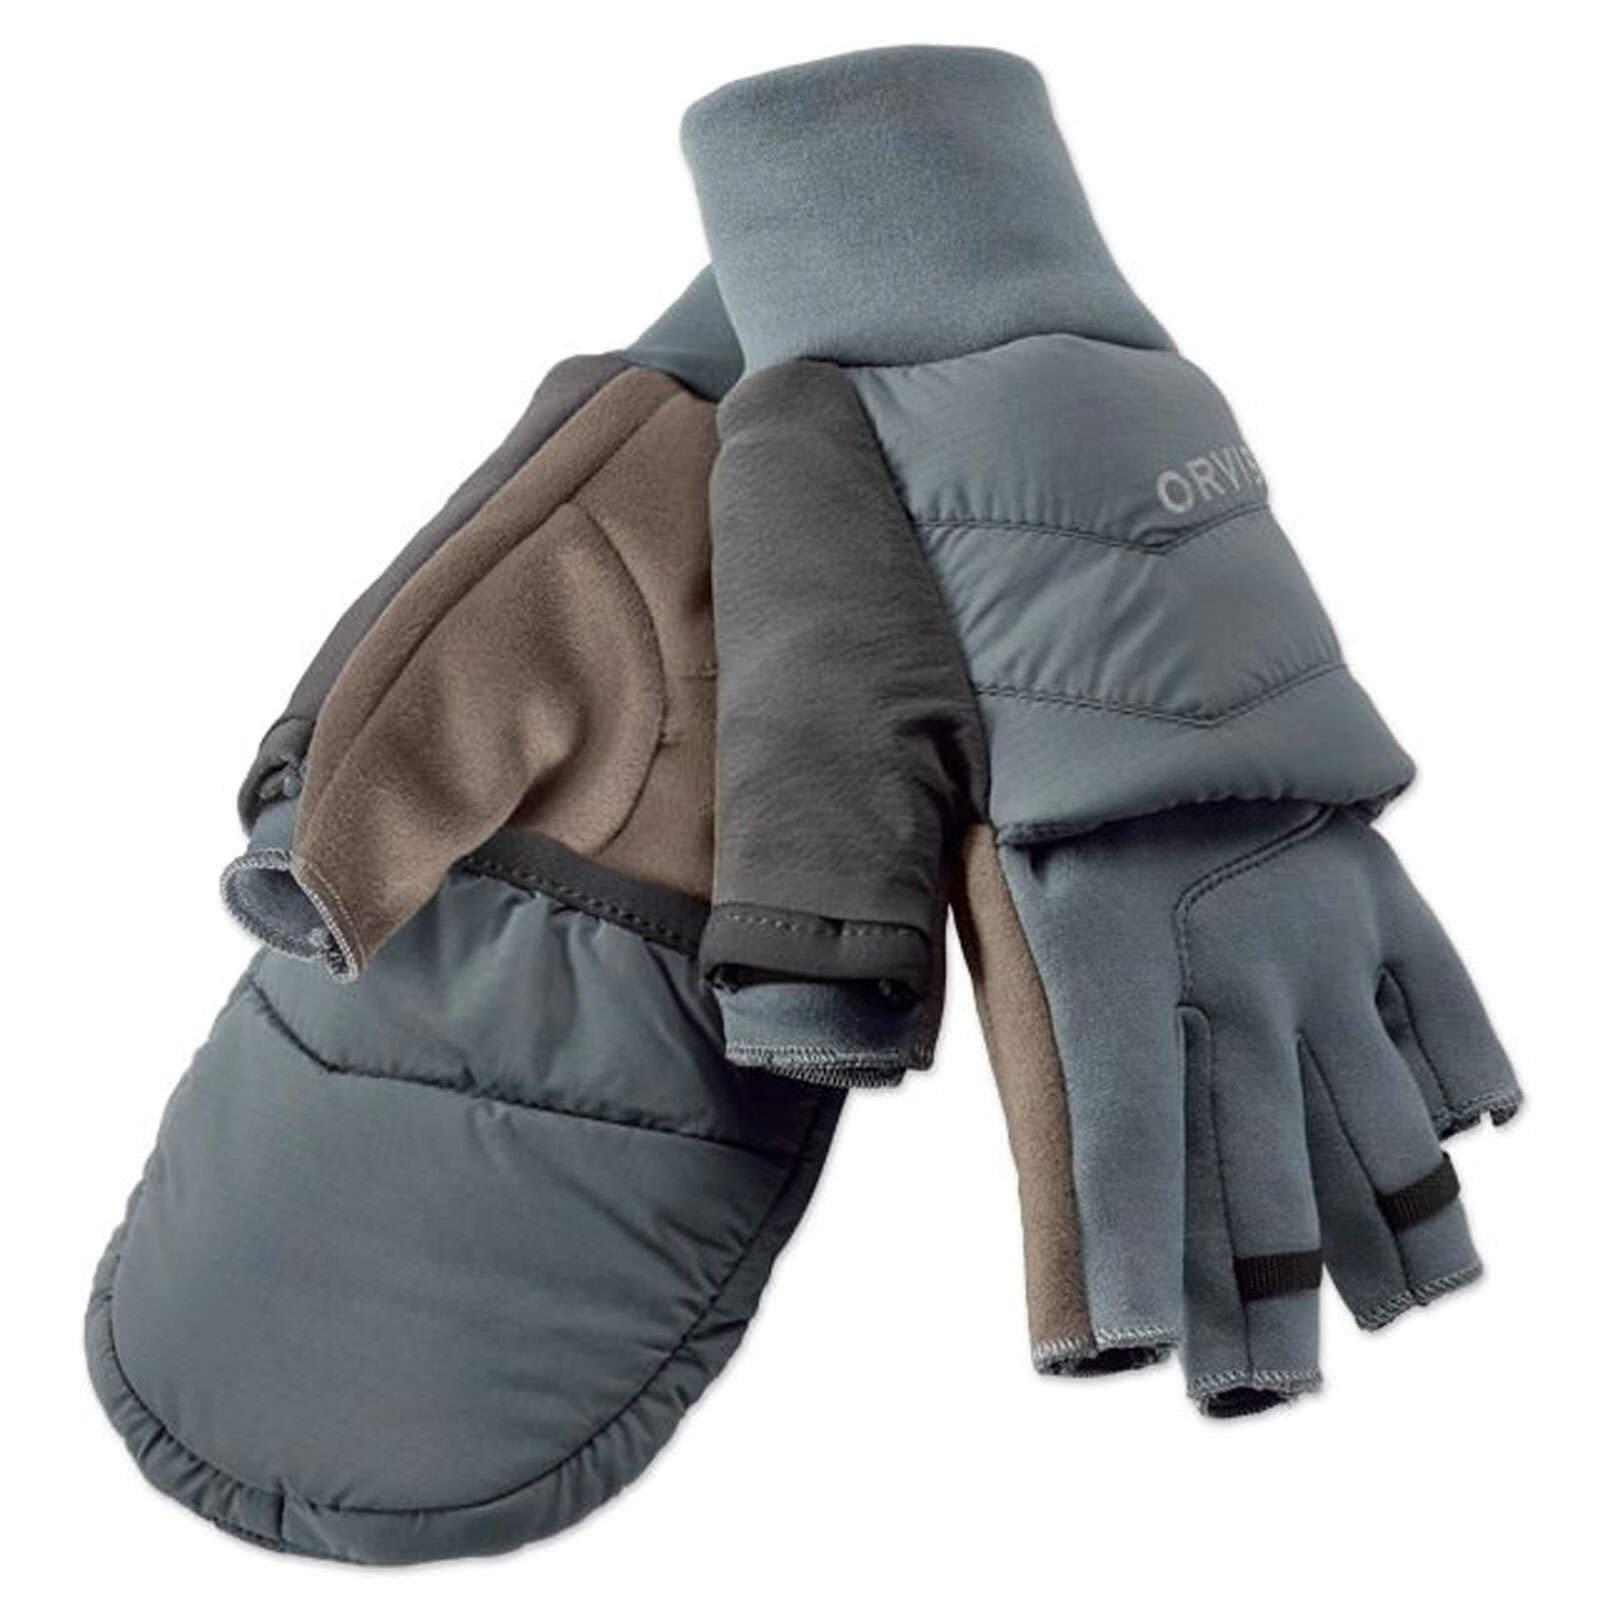 orvis pro gloves